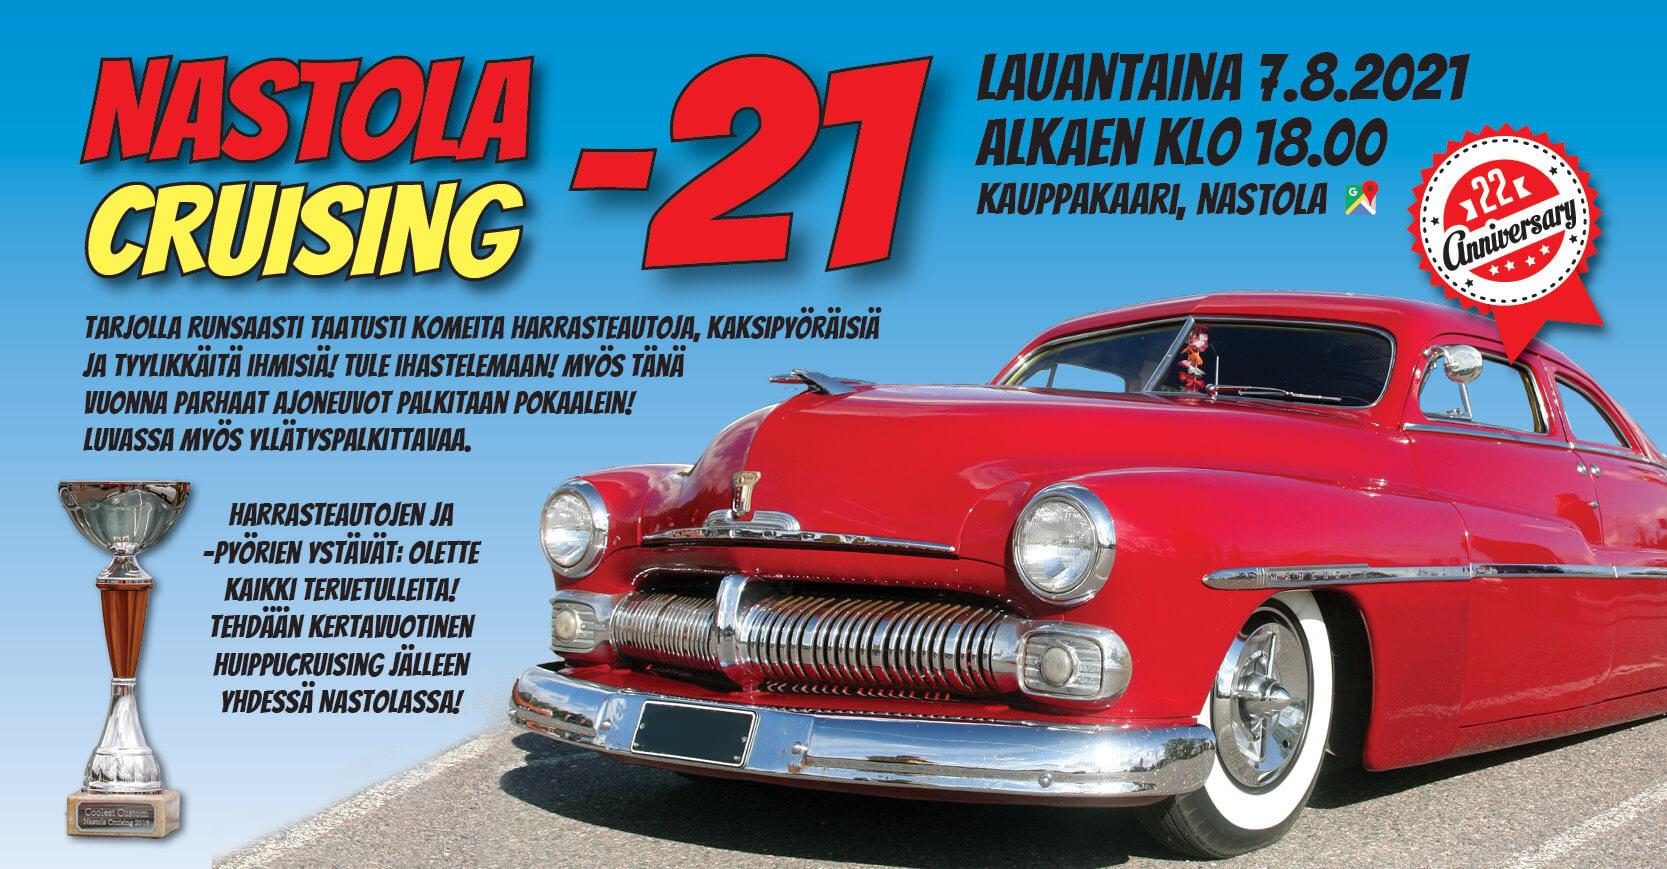 Nastola Cruising 7.8.2021 mainosjuliste